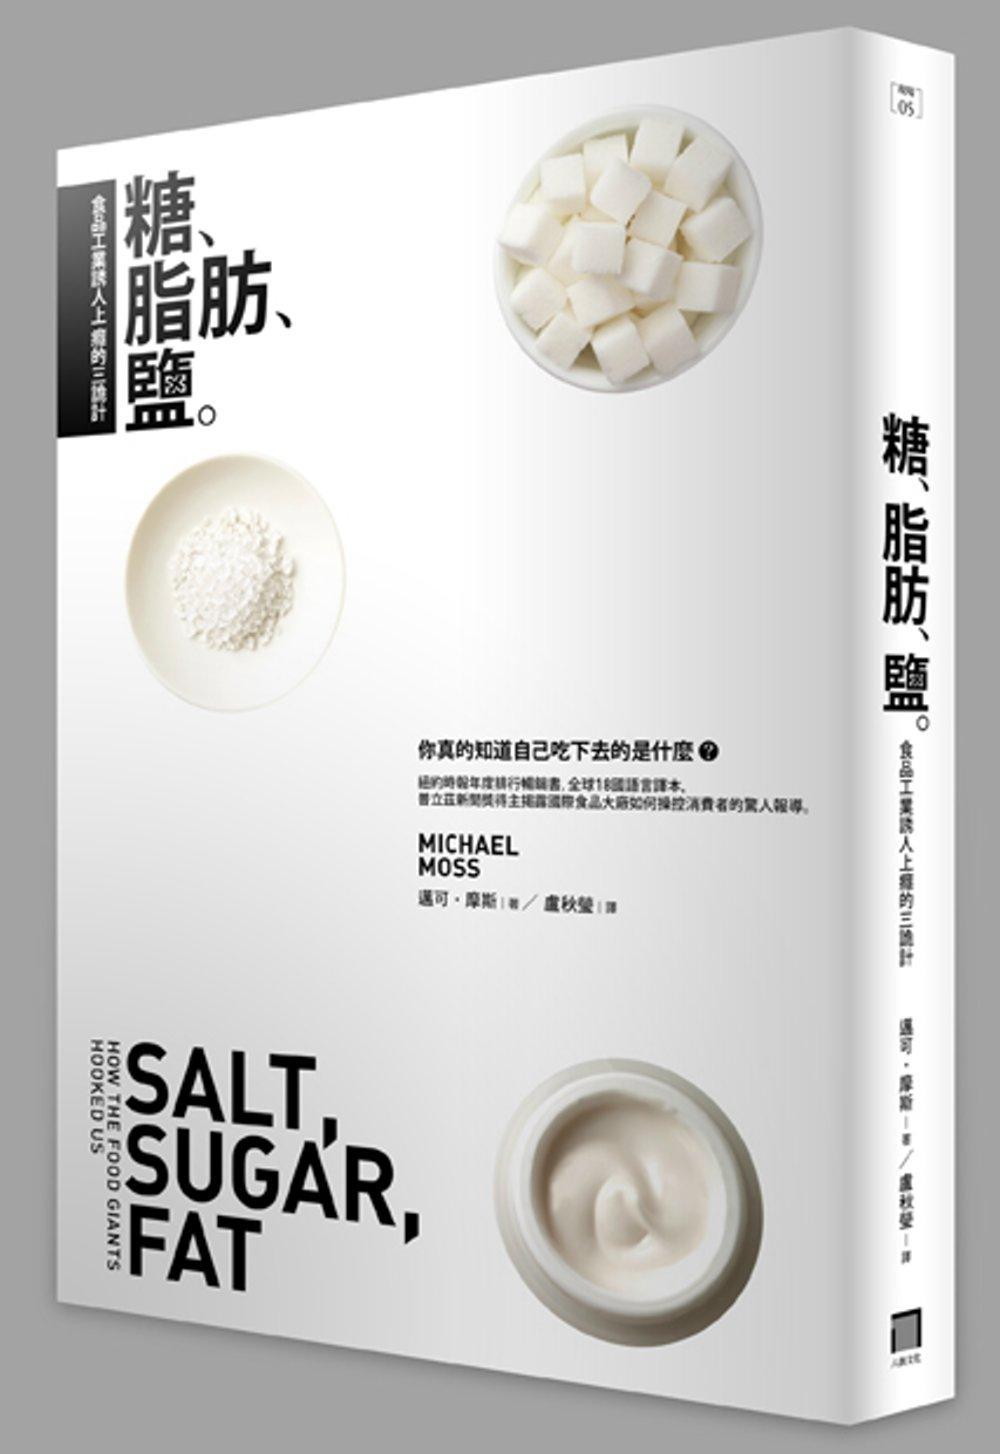 糖、脂肪、鹽:食品工業誘人上癮的三詭計